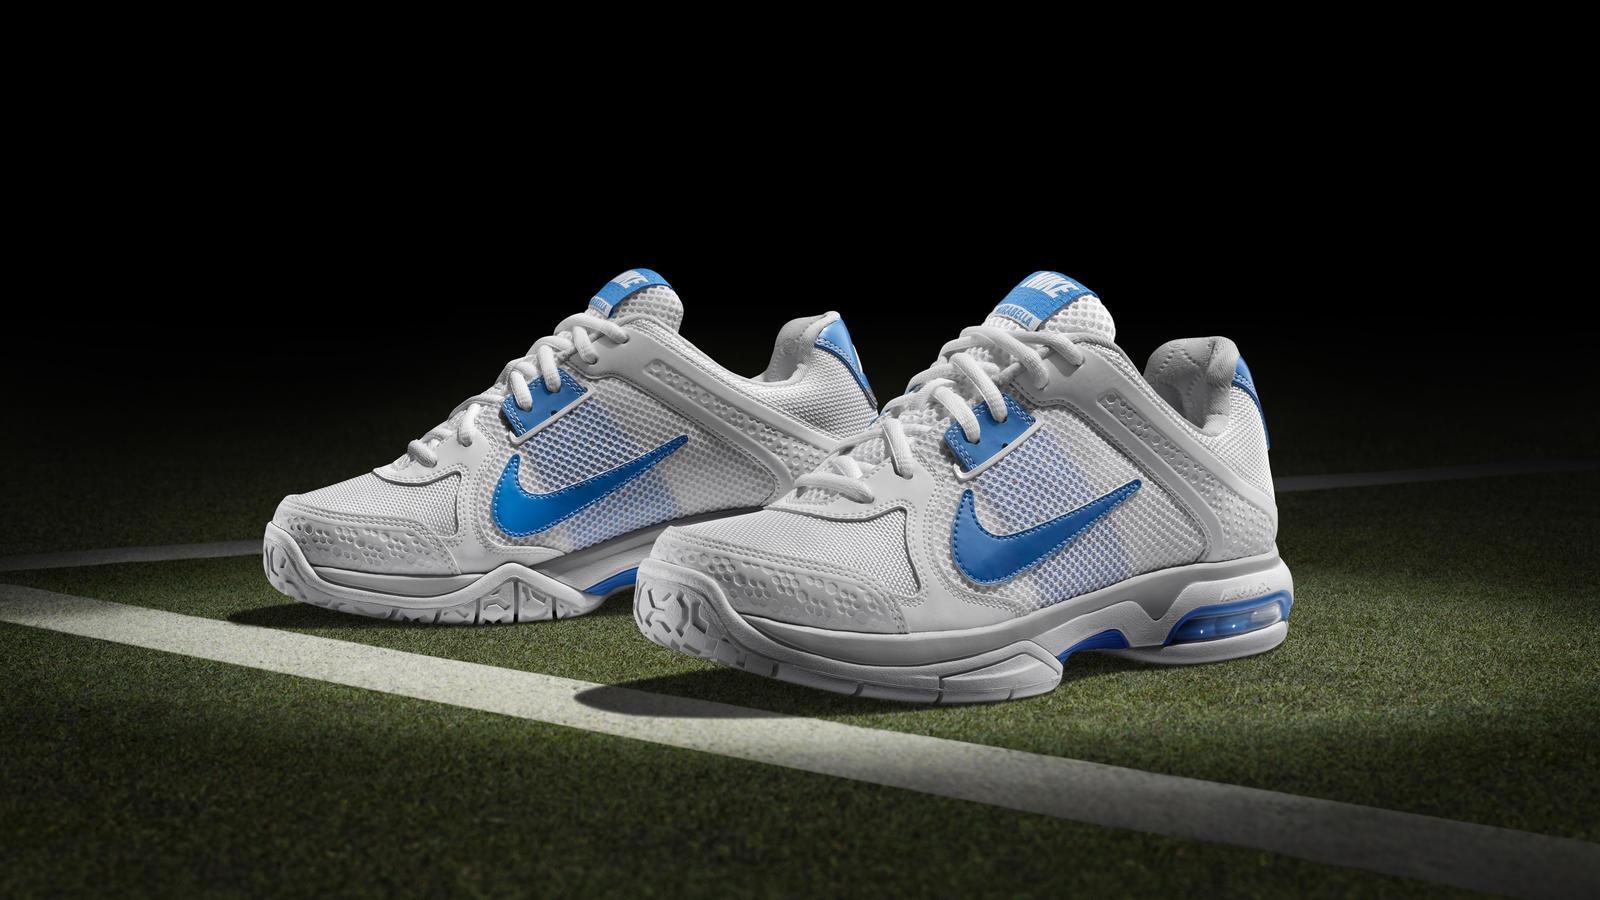 medallista Miniatura Llanura  Wimbledon 2011 Lookbook - Nike News